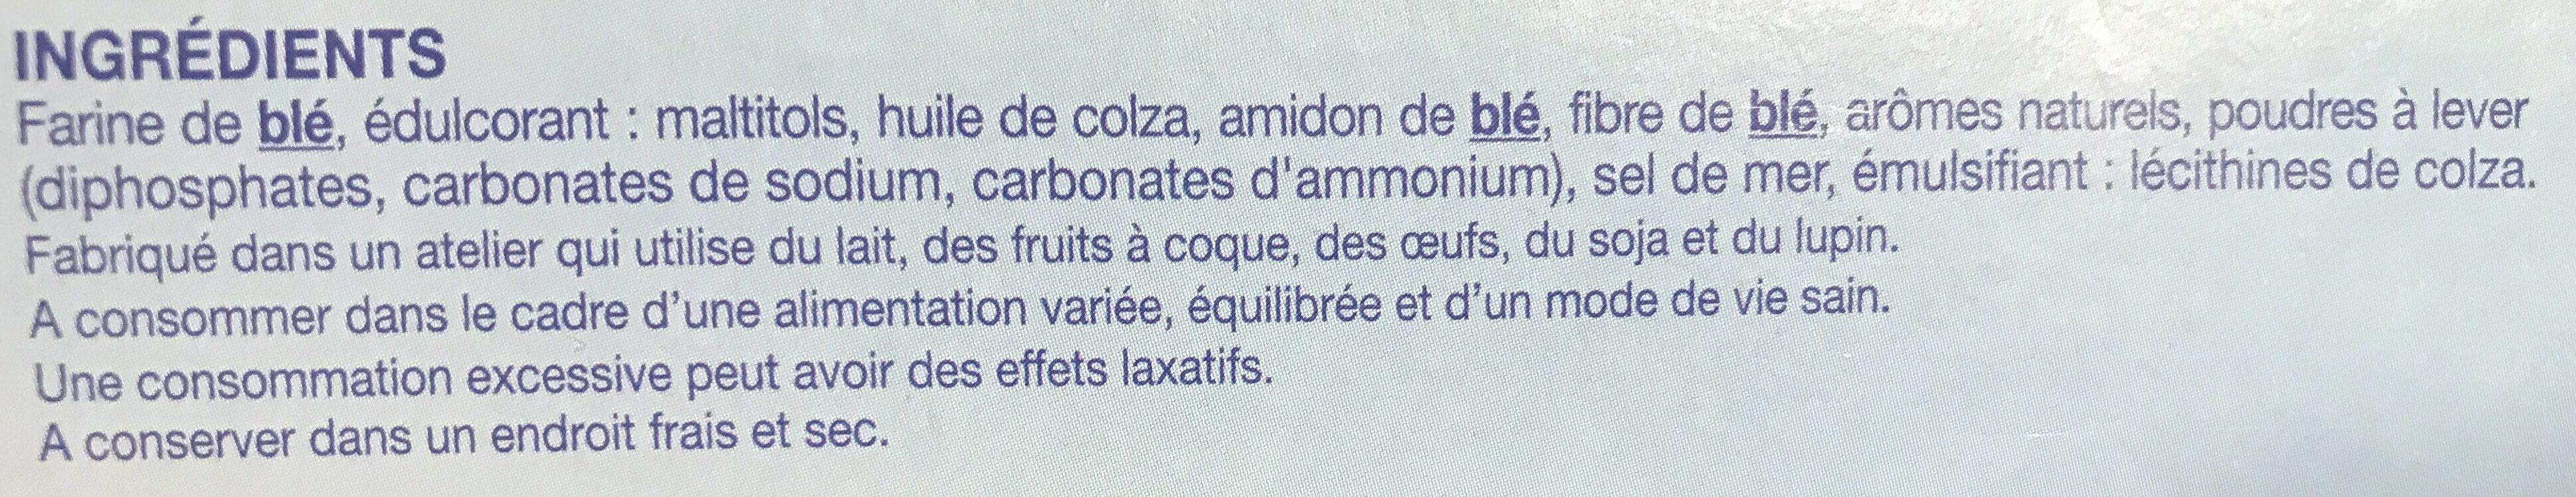 Biscuit Coco - Ingrédients